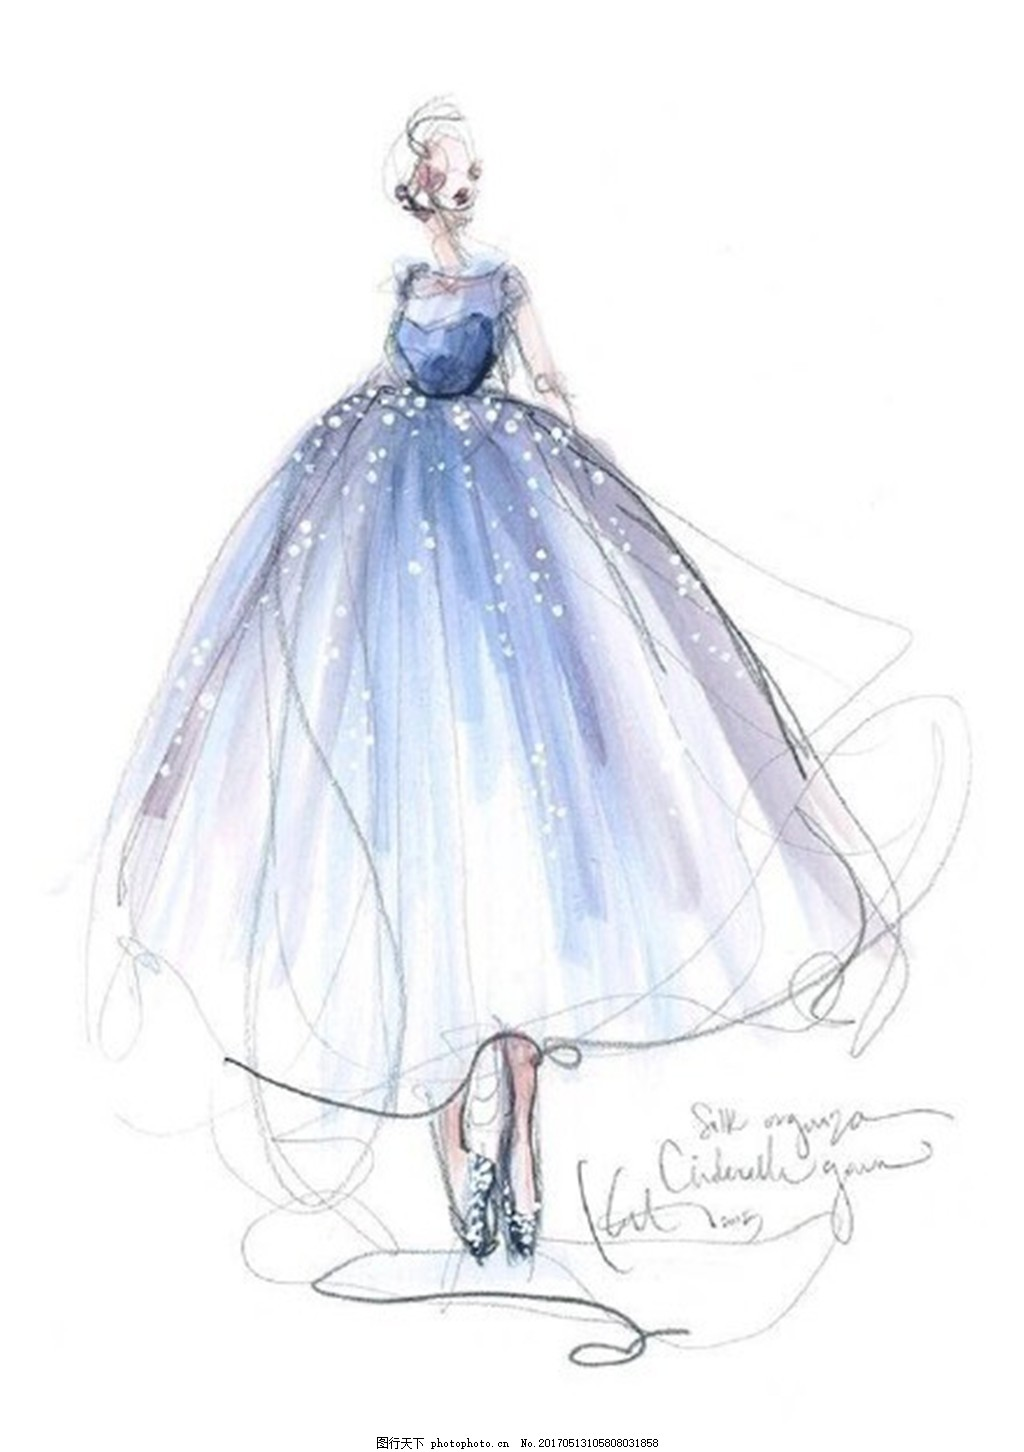 浅蓝色礼服设计图